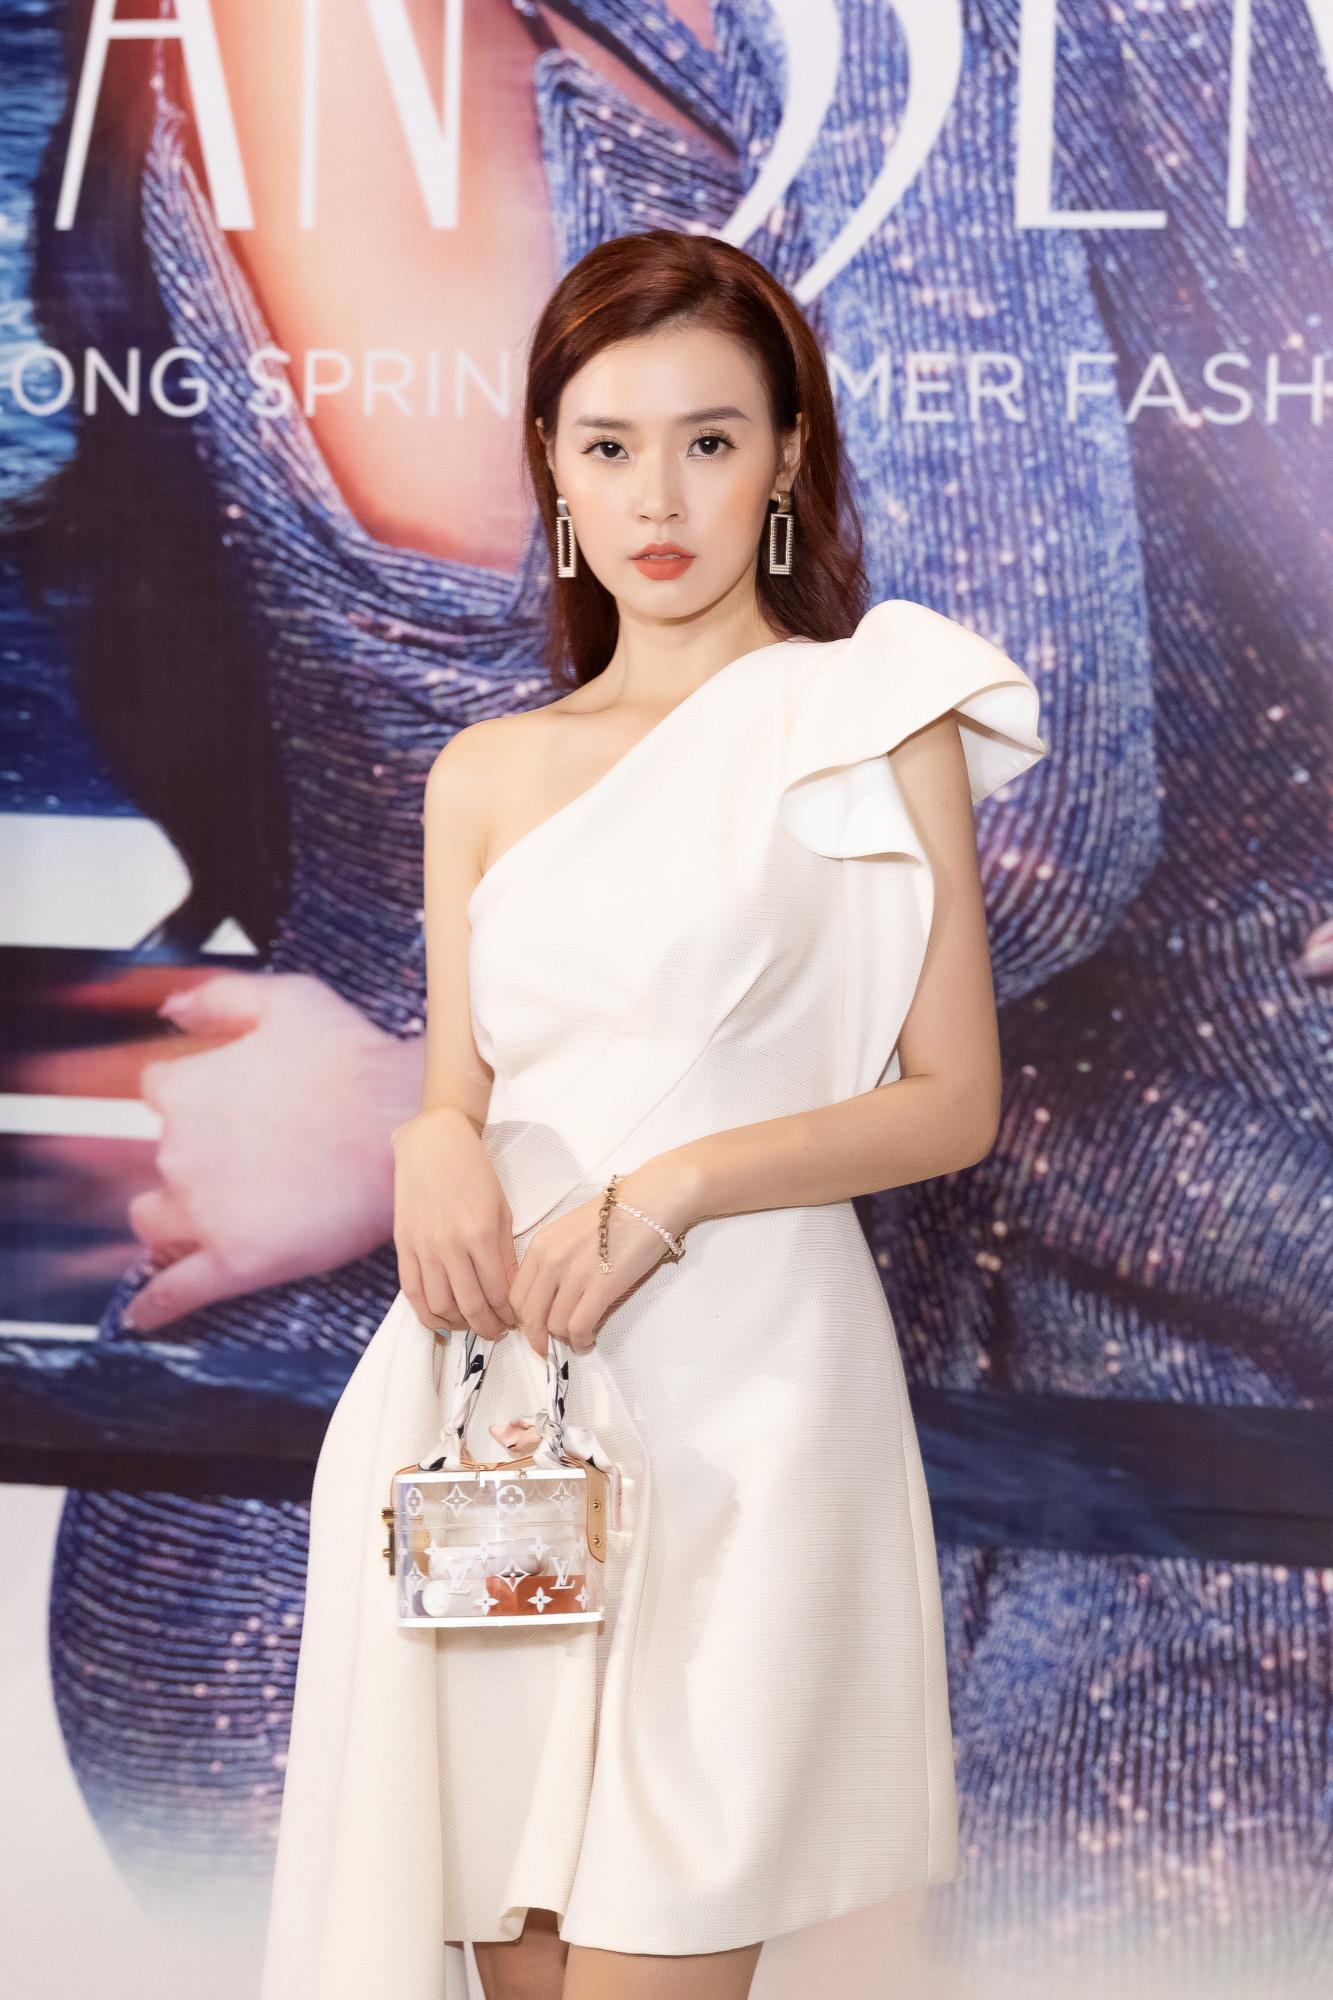 Bỏ quên ông xã, Hari Won, Nhã Phương mặc gợi cảm đua nhau chặt đẹp ở show thời trang